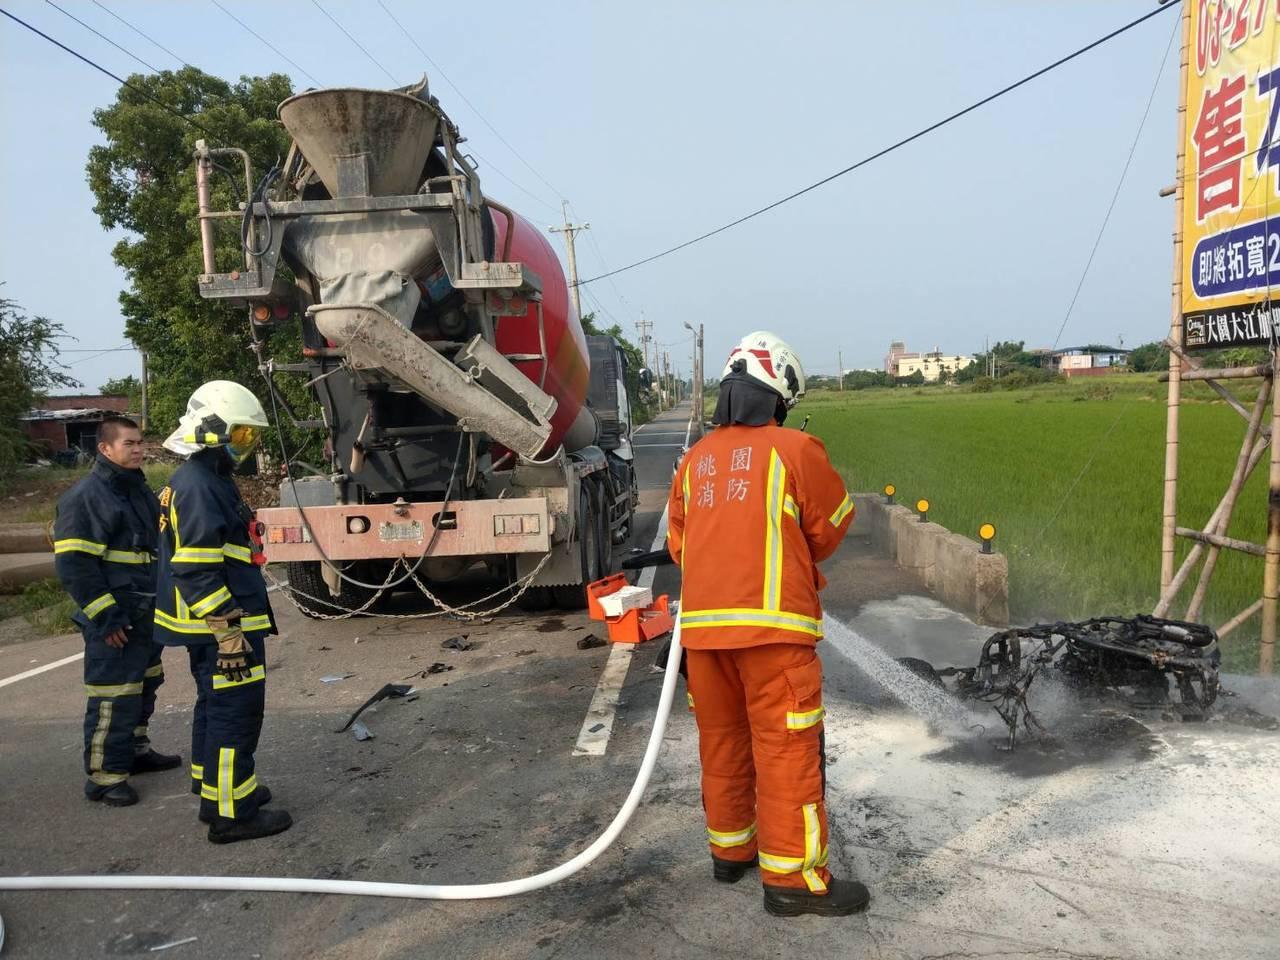 消防人員趕至現場撲滅燃燒的機車。記者鄭國樑/翻攝